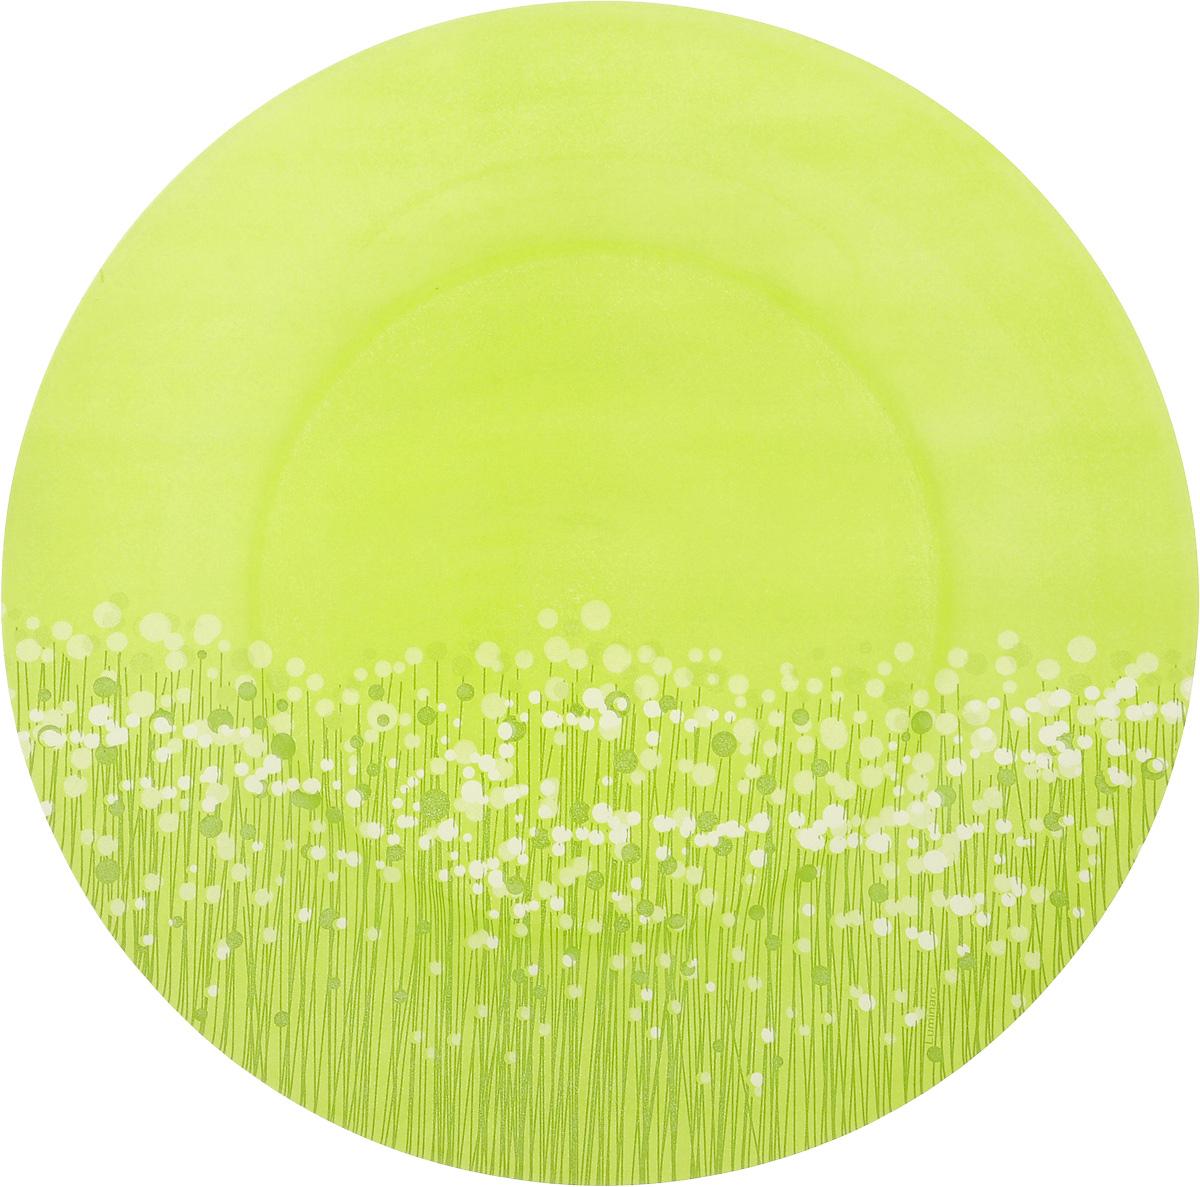 Тарелка обеденная Luminarc Flowerfield Anis, цвет: светло-зеленый, диаметр 25 смH2491_светло-зеленыйОбеденная тарелка Luminarc Flowerfield Anis, изготовленная из ударопрочного стекла, имеет изысканный внешний вид. Яркий дизайн придется по вкусу и ценителям классики, и тем, кто предпочитает утонченность. Тарелка Luminarc Flowerfield Anis идеально подойдет для сервировки вторых блюд из птицы, рыбы, мяса или овощей, а также станет отличным подарком к любому празднику. Диаметр тарелки (по верхнему краю): 25 см. высота тарелки: 2,5 см.